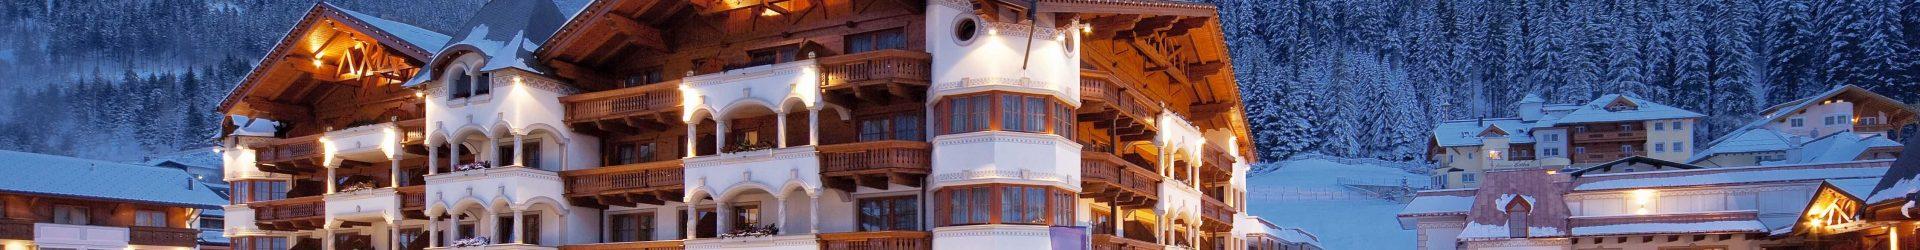 Pionier en legende van luxe in de Alpen: het fijnproevers- & relaxresort Trofana Royal